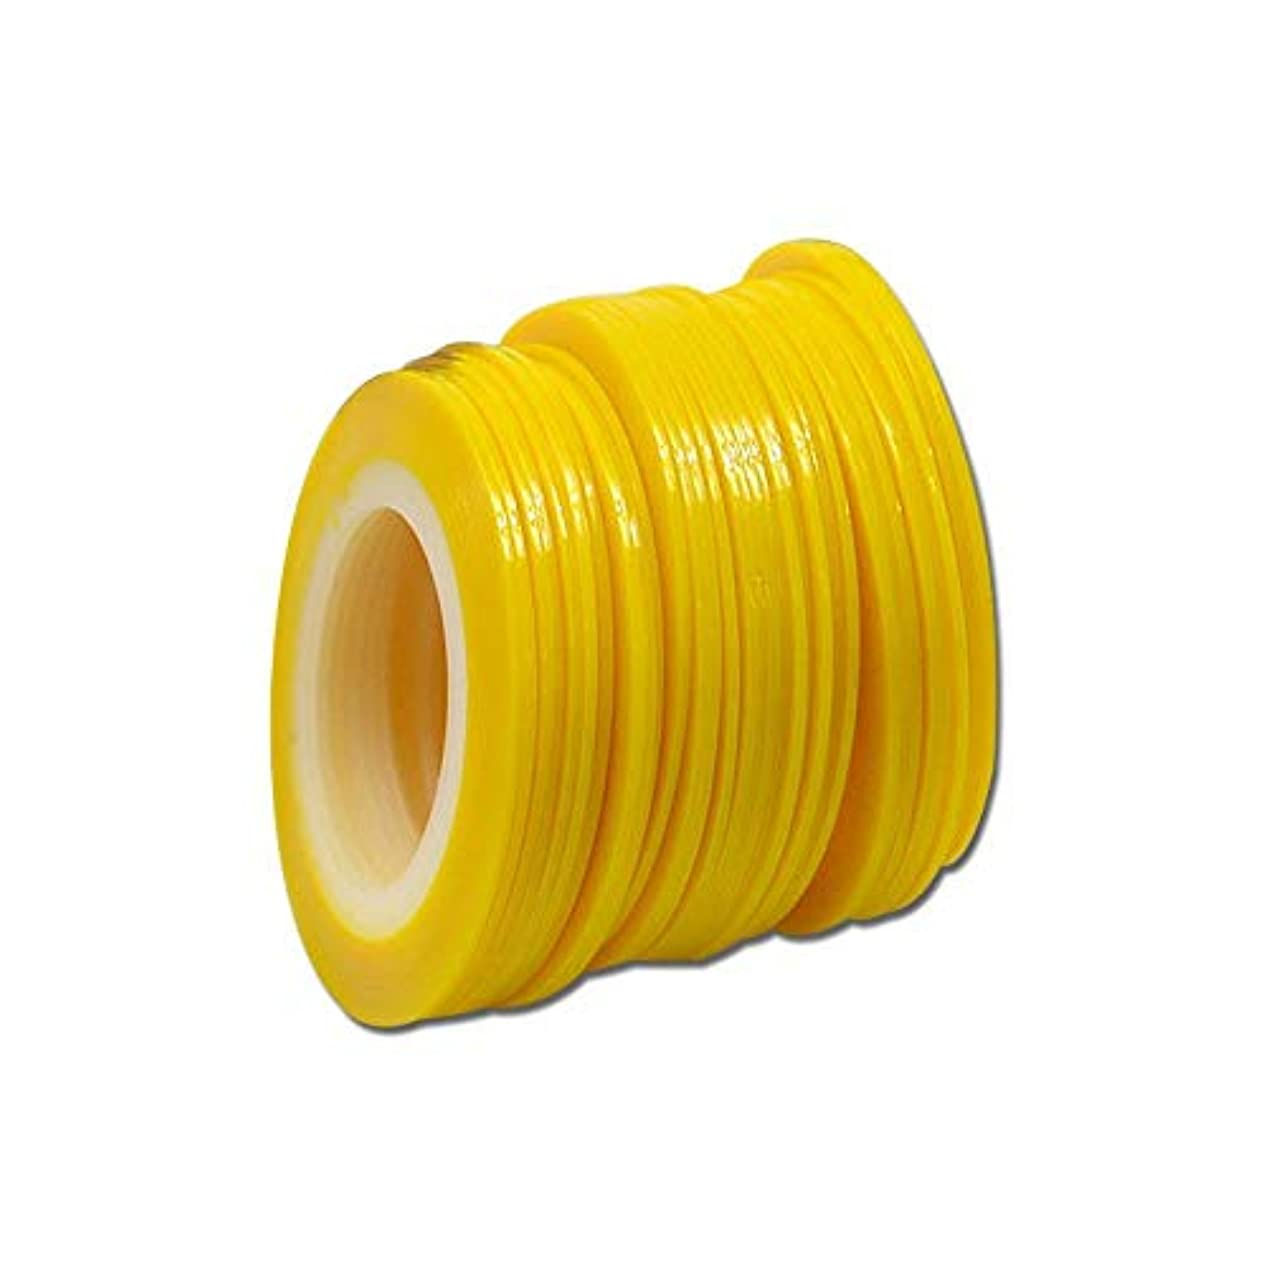 ハドルショルダー寛大さSUKTI&XIAO ネイルステッカー 100個1ミリメートル色蛍光ストライプライン美容のヒントネイルステッカーネイルアートロールストライピング、黄色